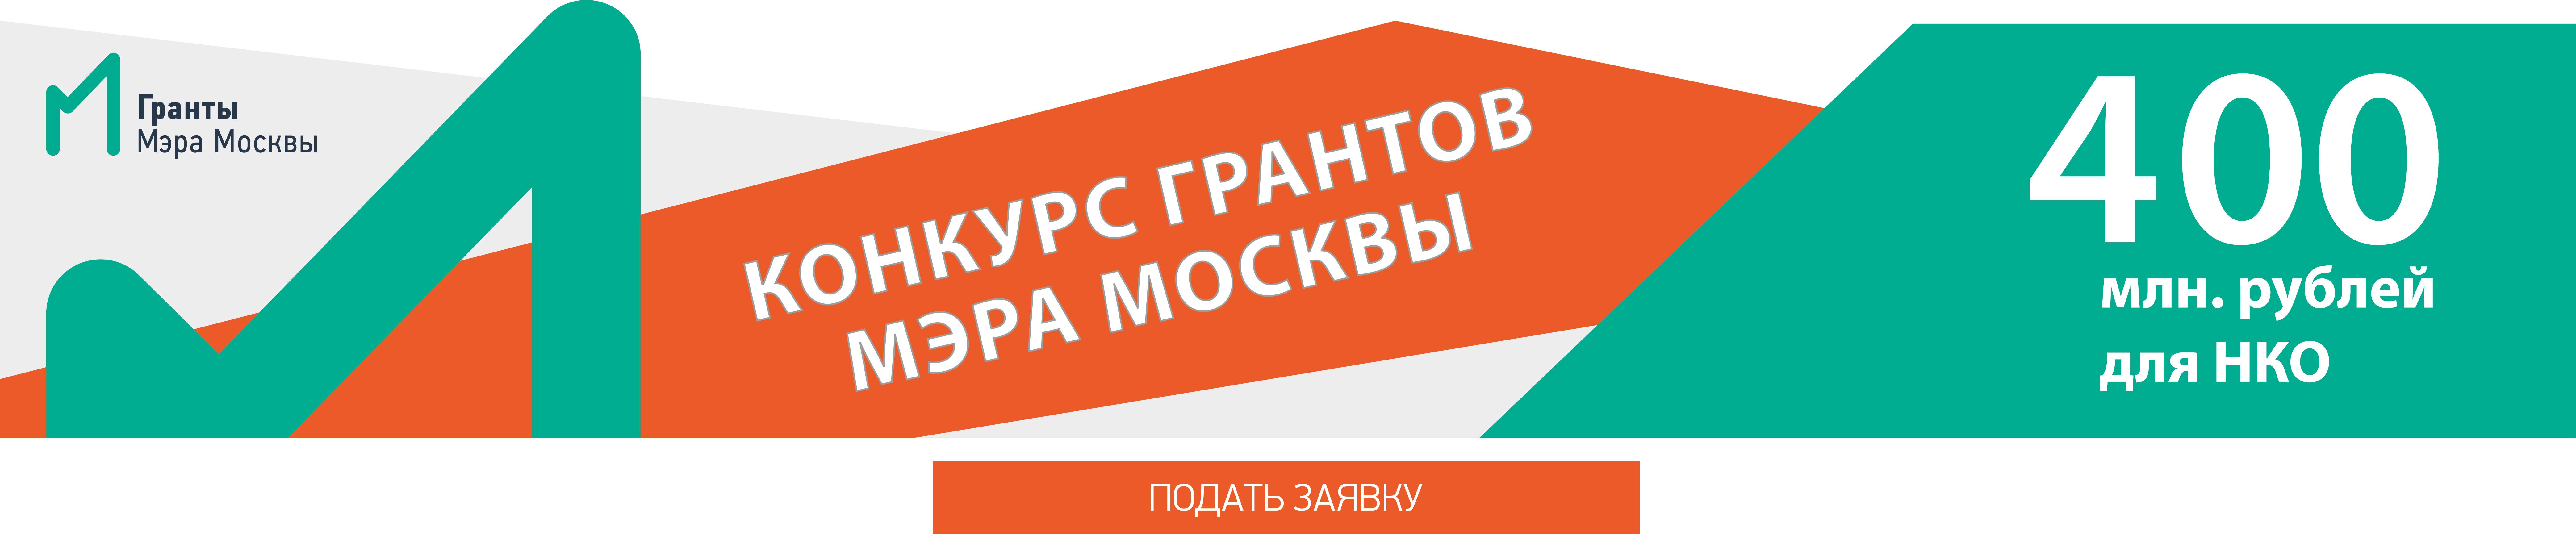 Конкурс грантов Мэра Москвы